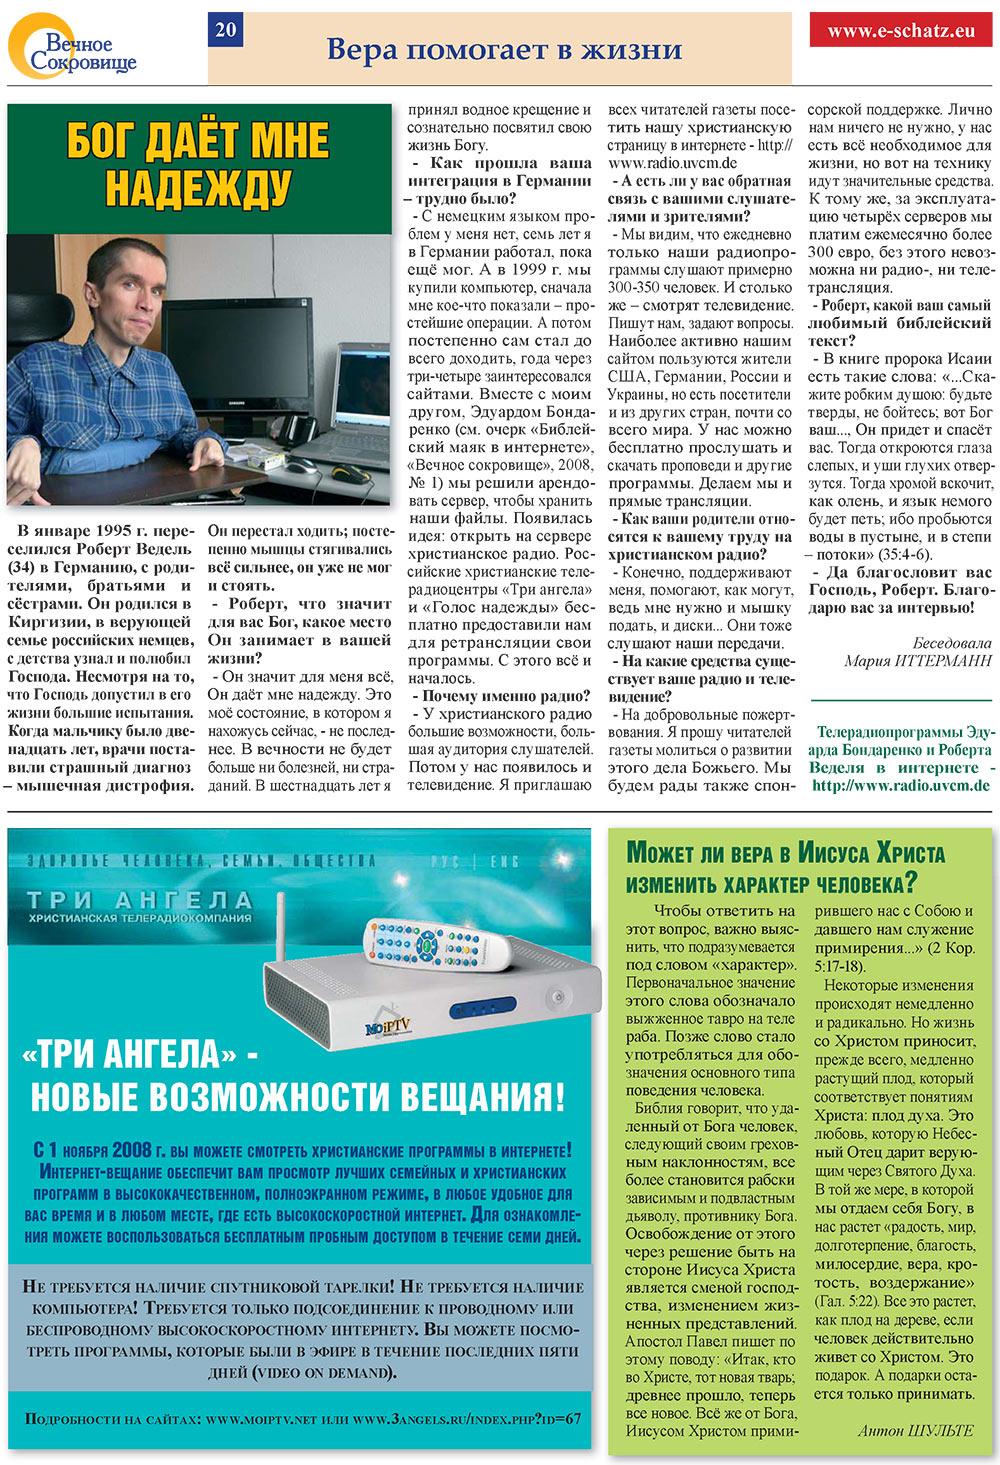 Вечное сокровище (газета). 2008 год, номер 4, стр. 20